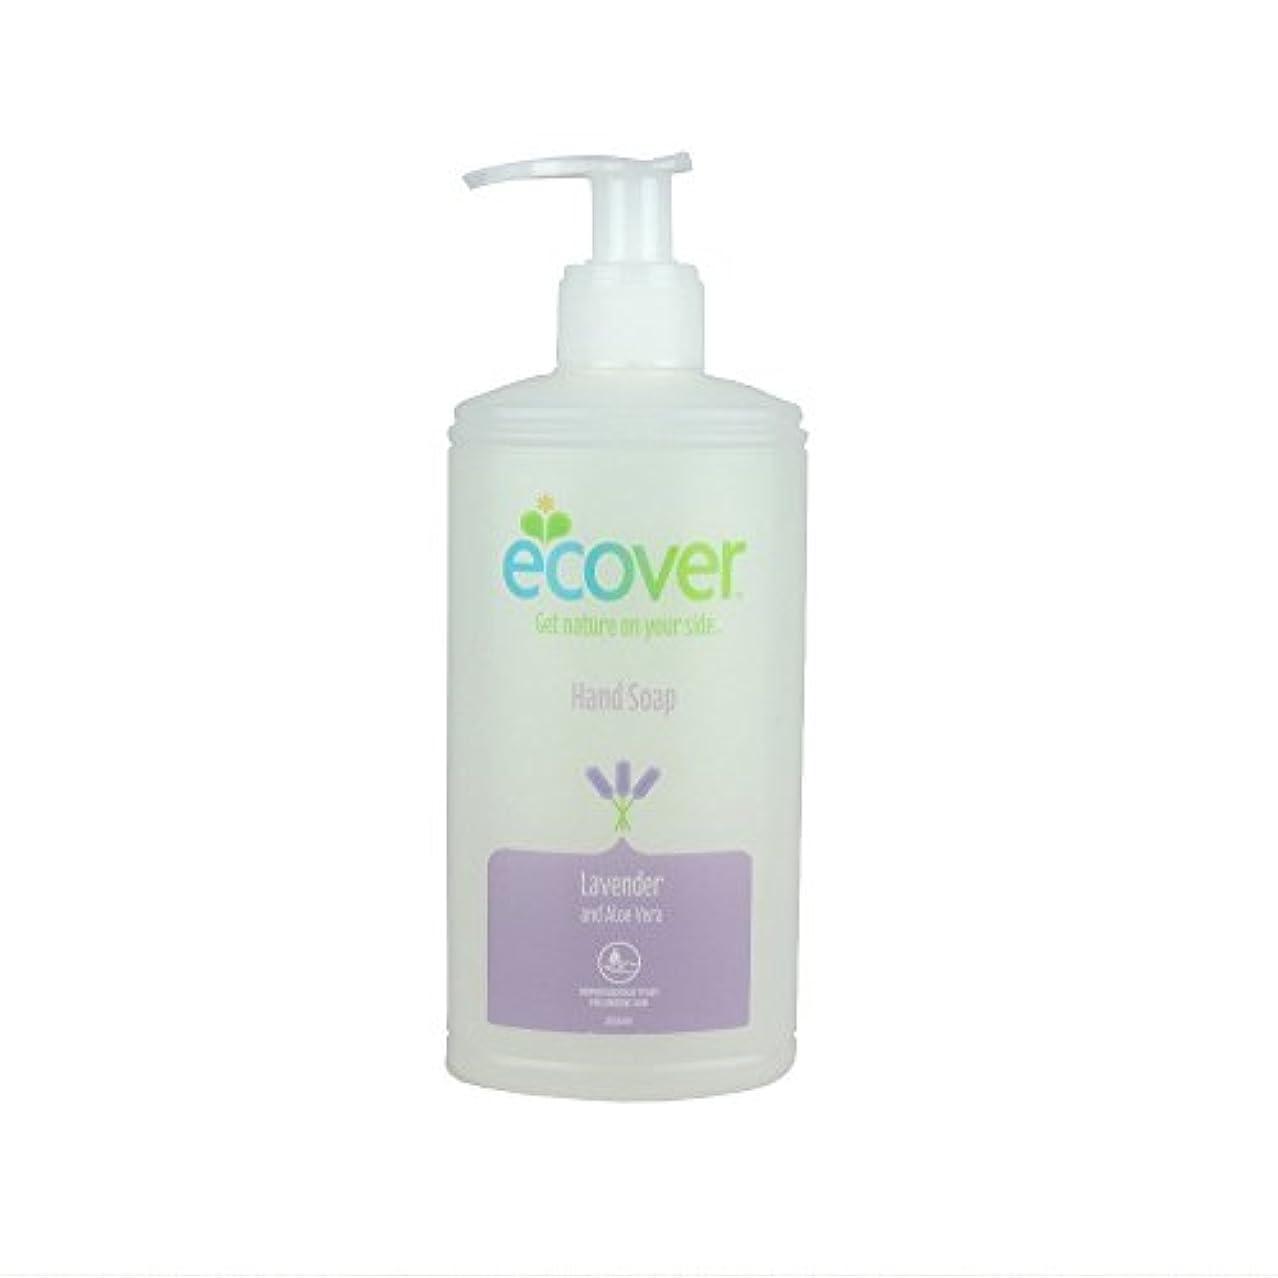 練習ステップ秋Ecover Liquid Hand Soap Lavender & Aloe Vera (250ml) 液体ハンドソープラベンダーとアロエベラ( 250ミリリットル)をエコベール